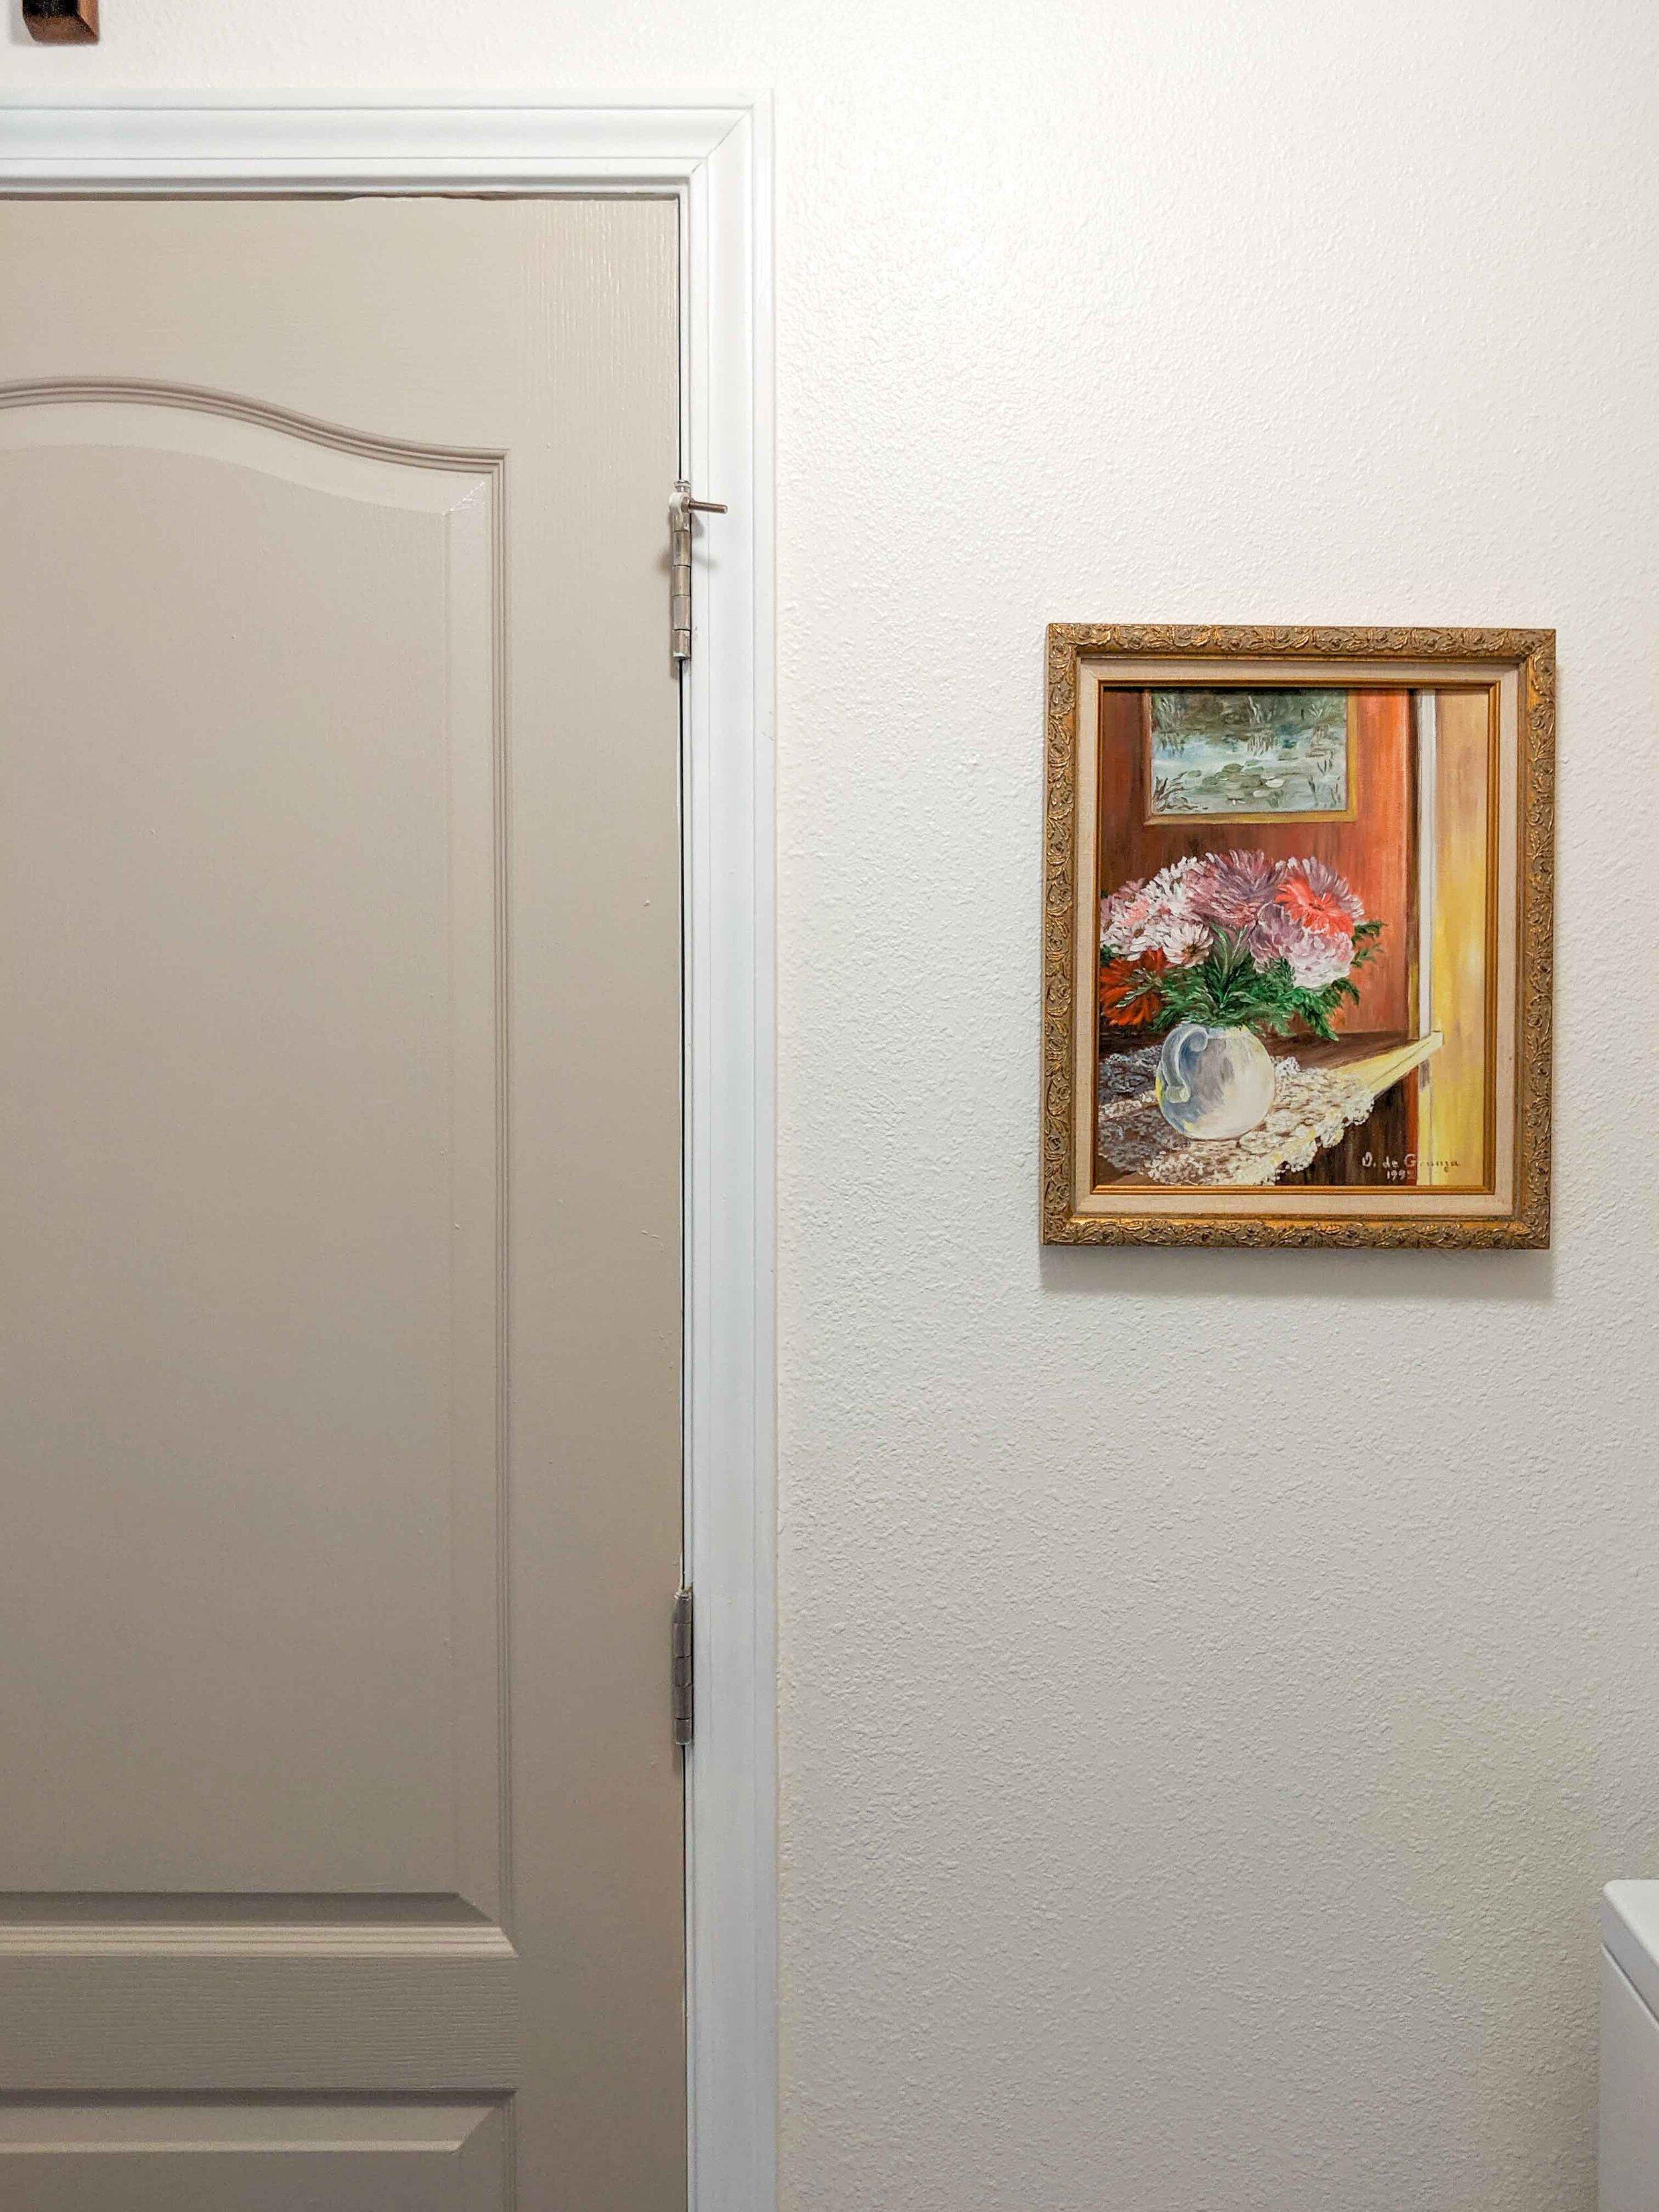 Laundry Room Makeover-31.jpg